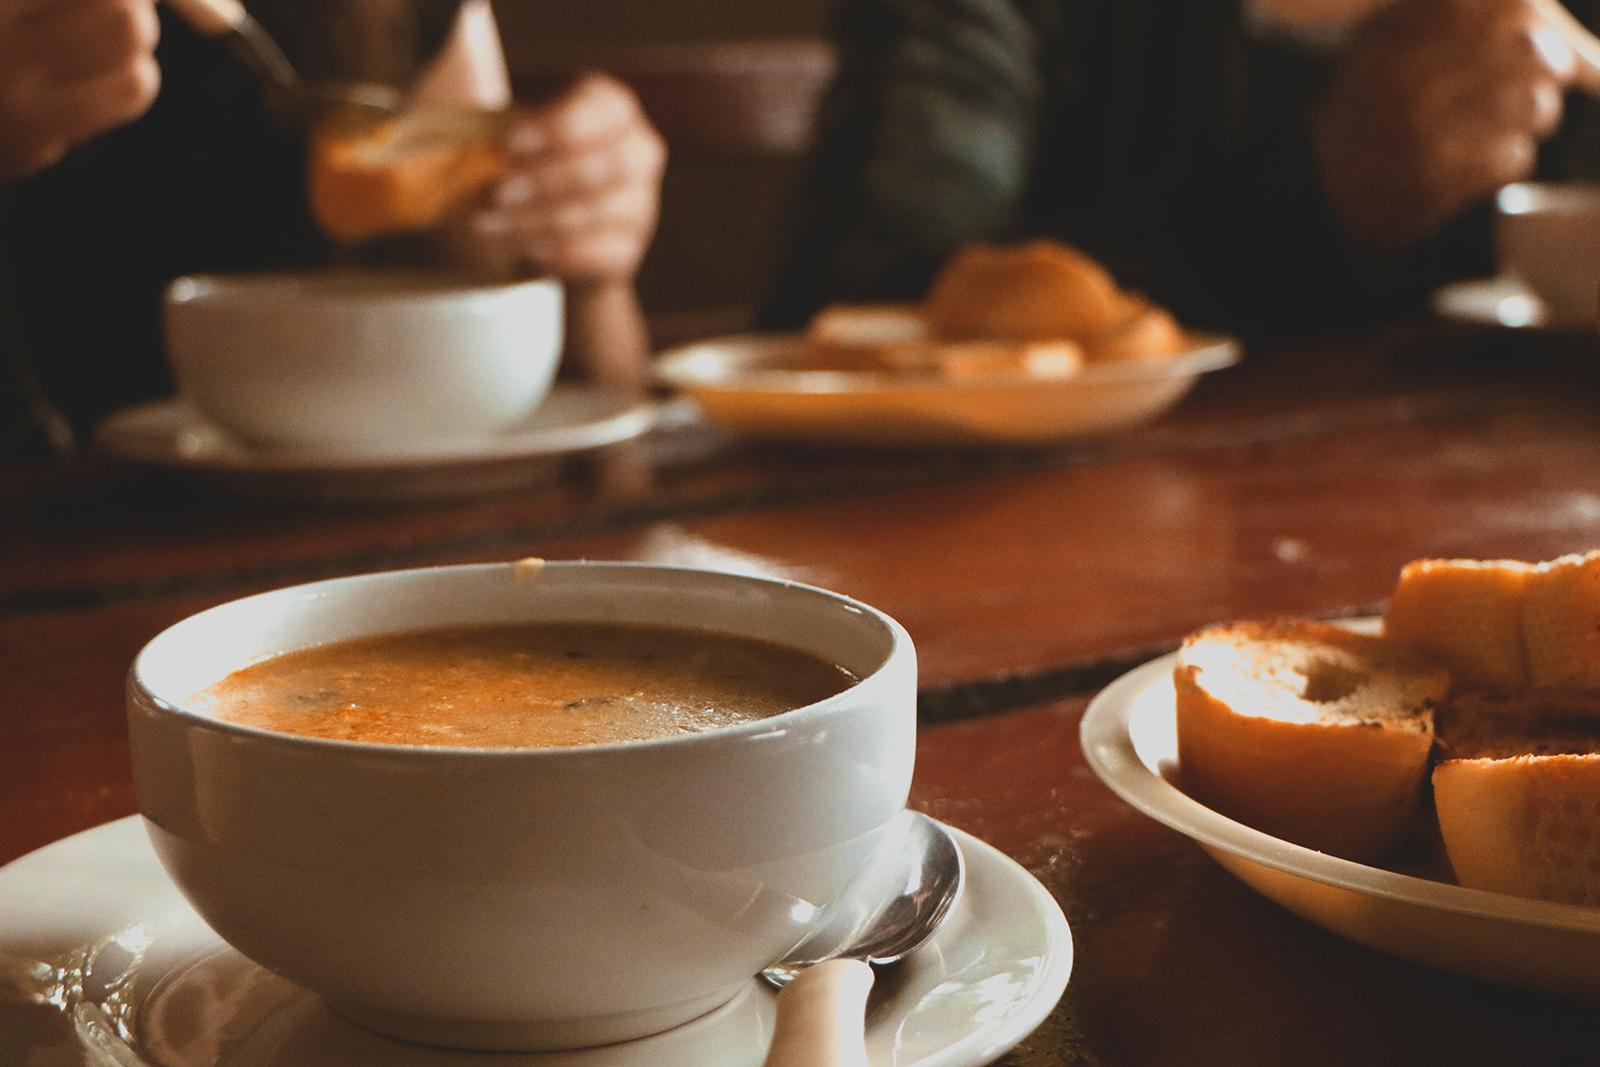 mesa com sopa de milho e pães